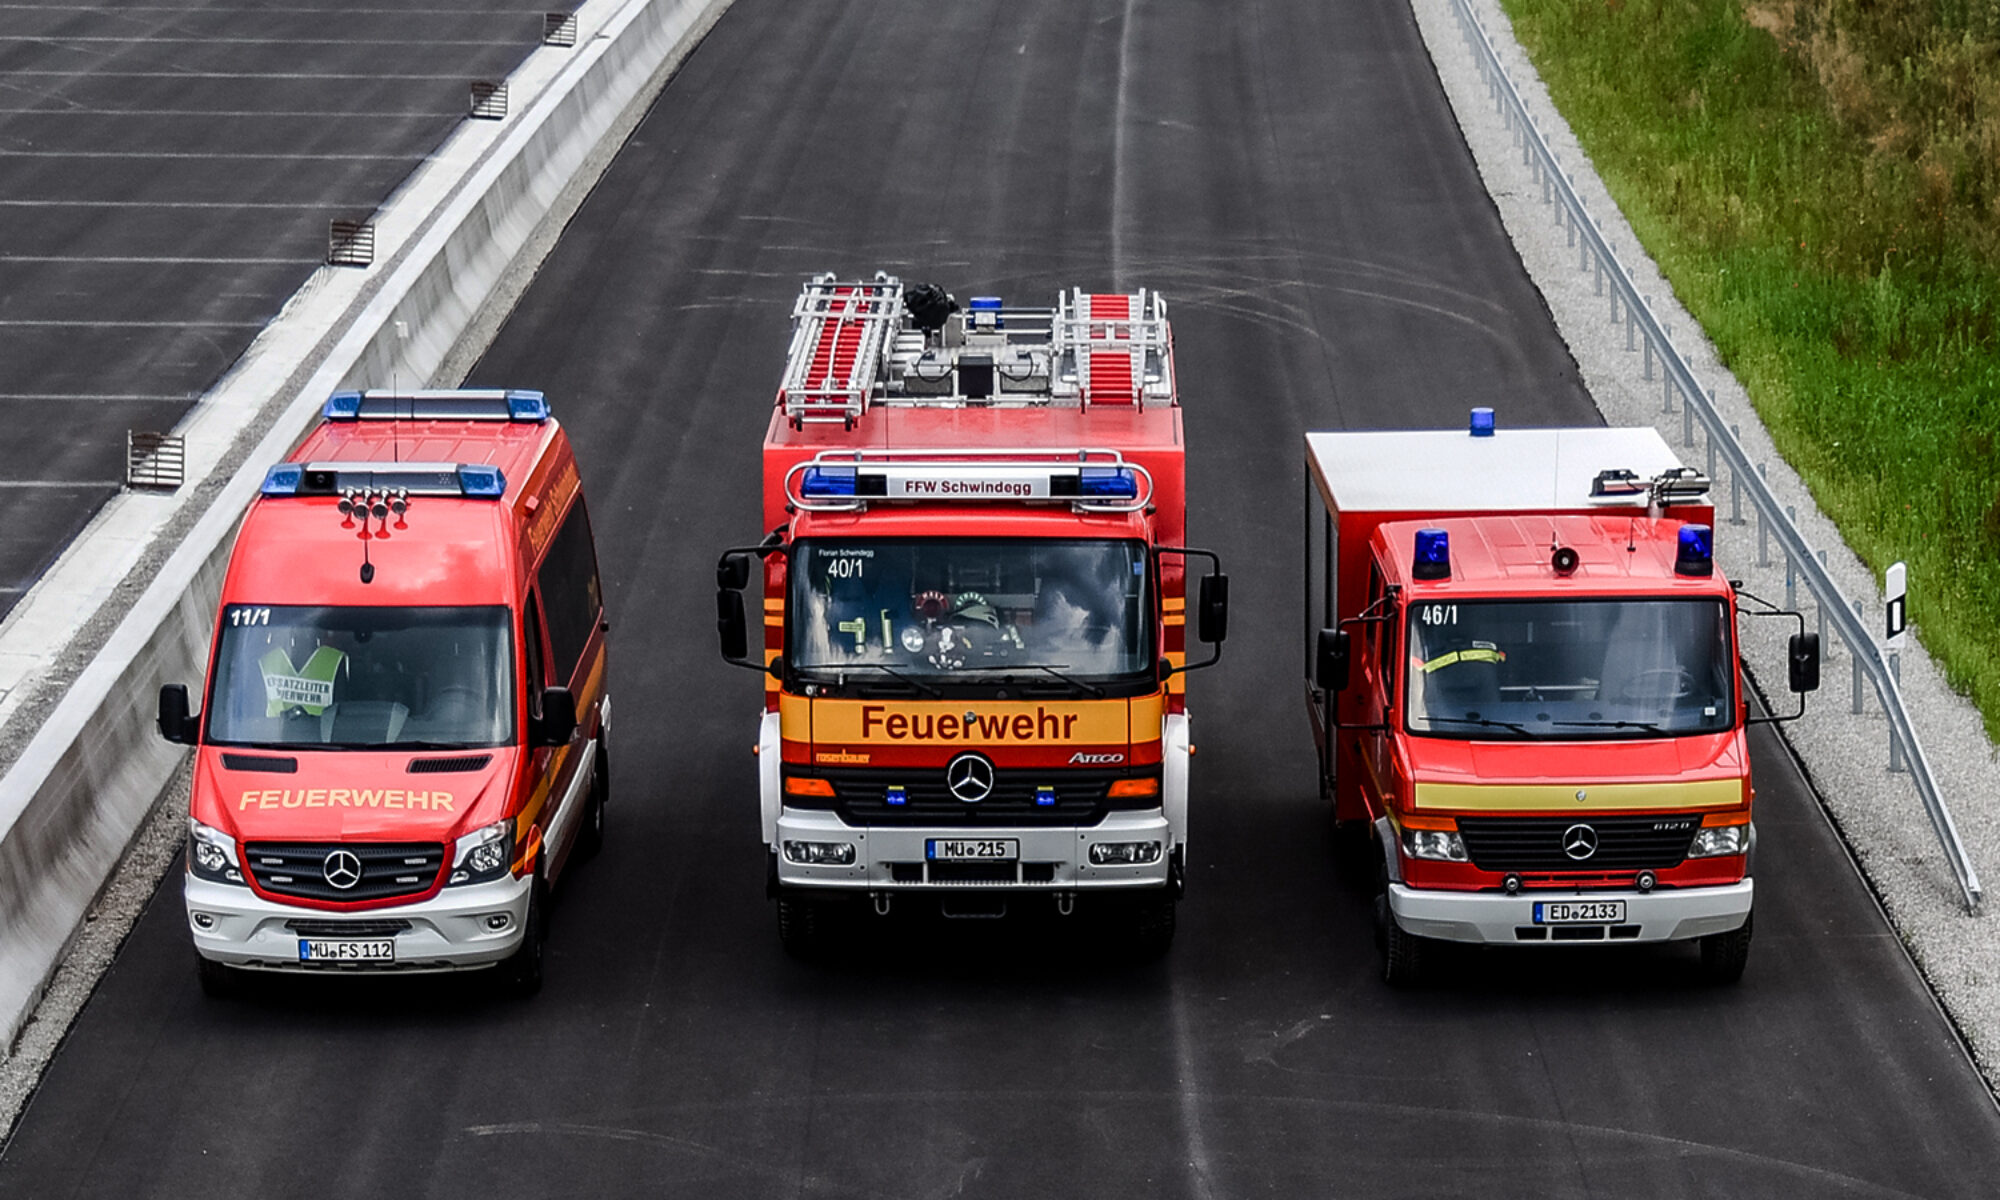 Feuerwehr Schwindegg